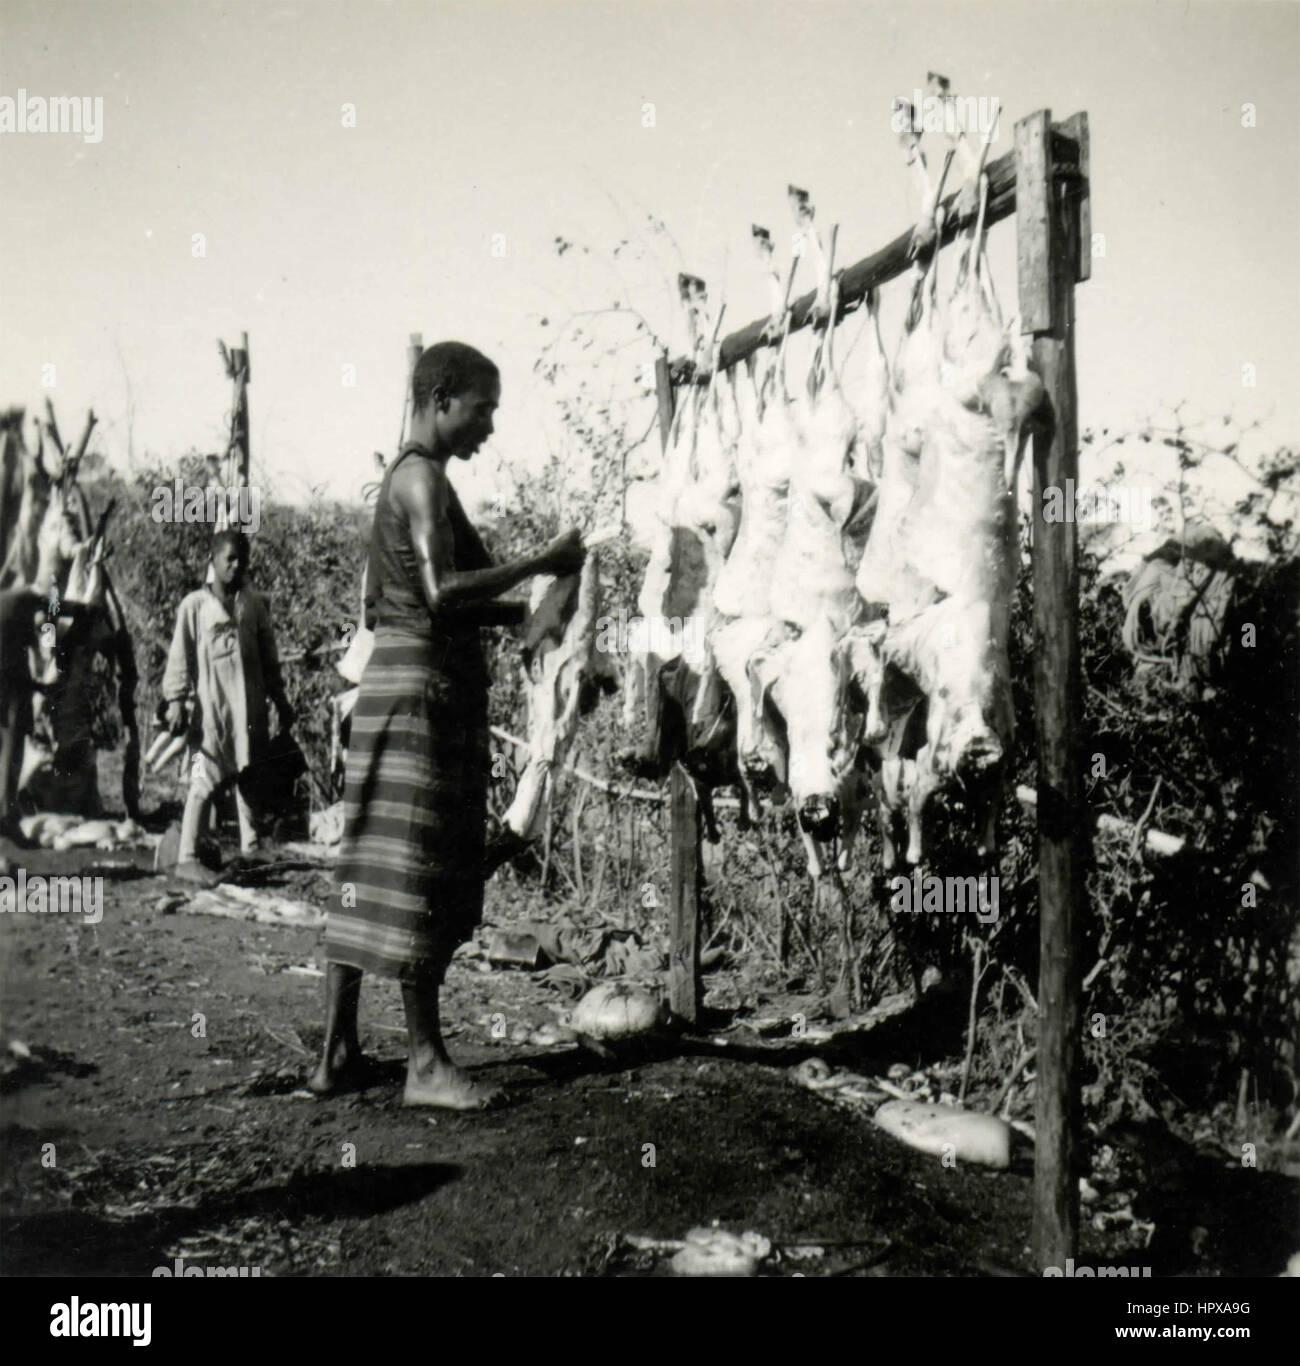 Vorbereitung der Tiere gefangen, Harar, Äthiopien Stockbild